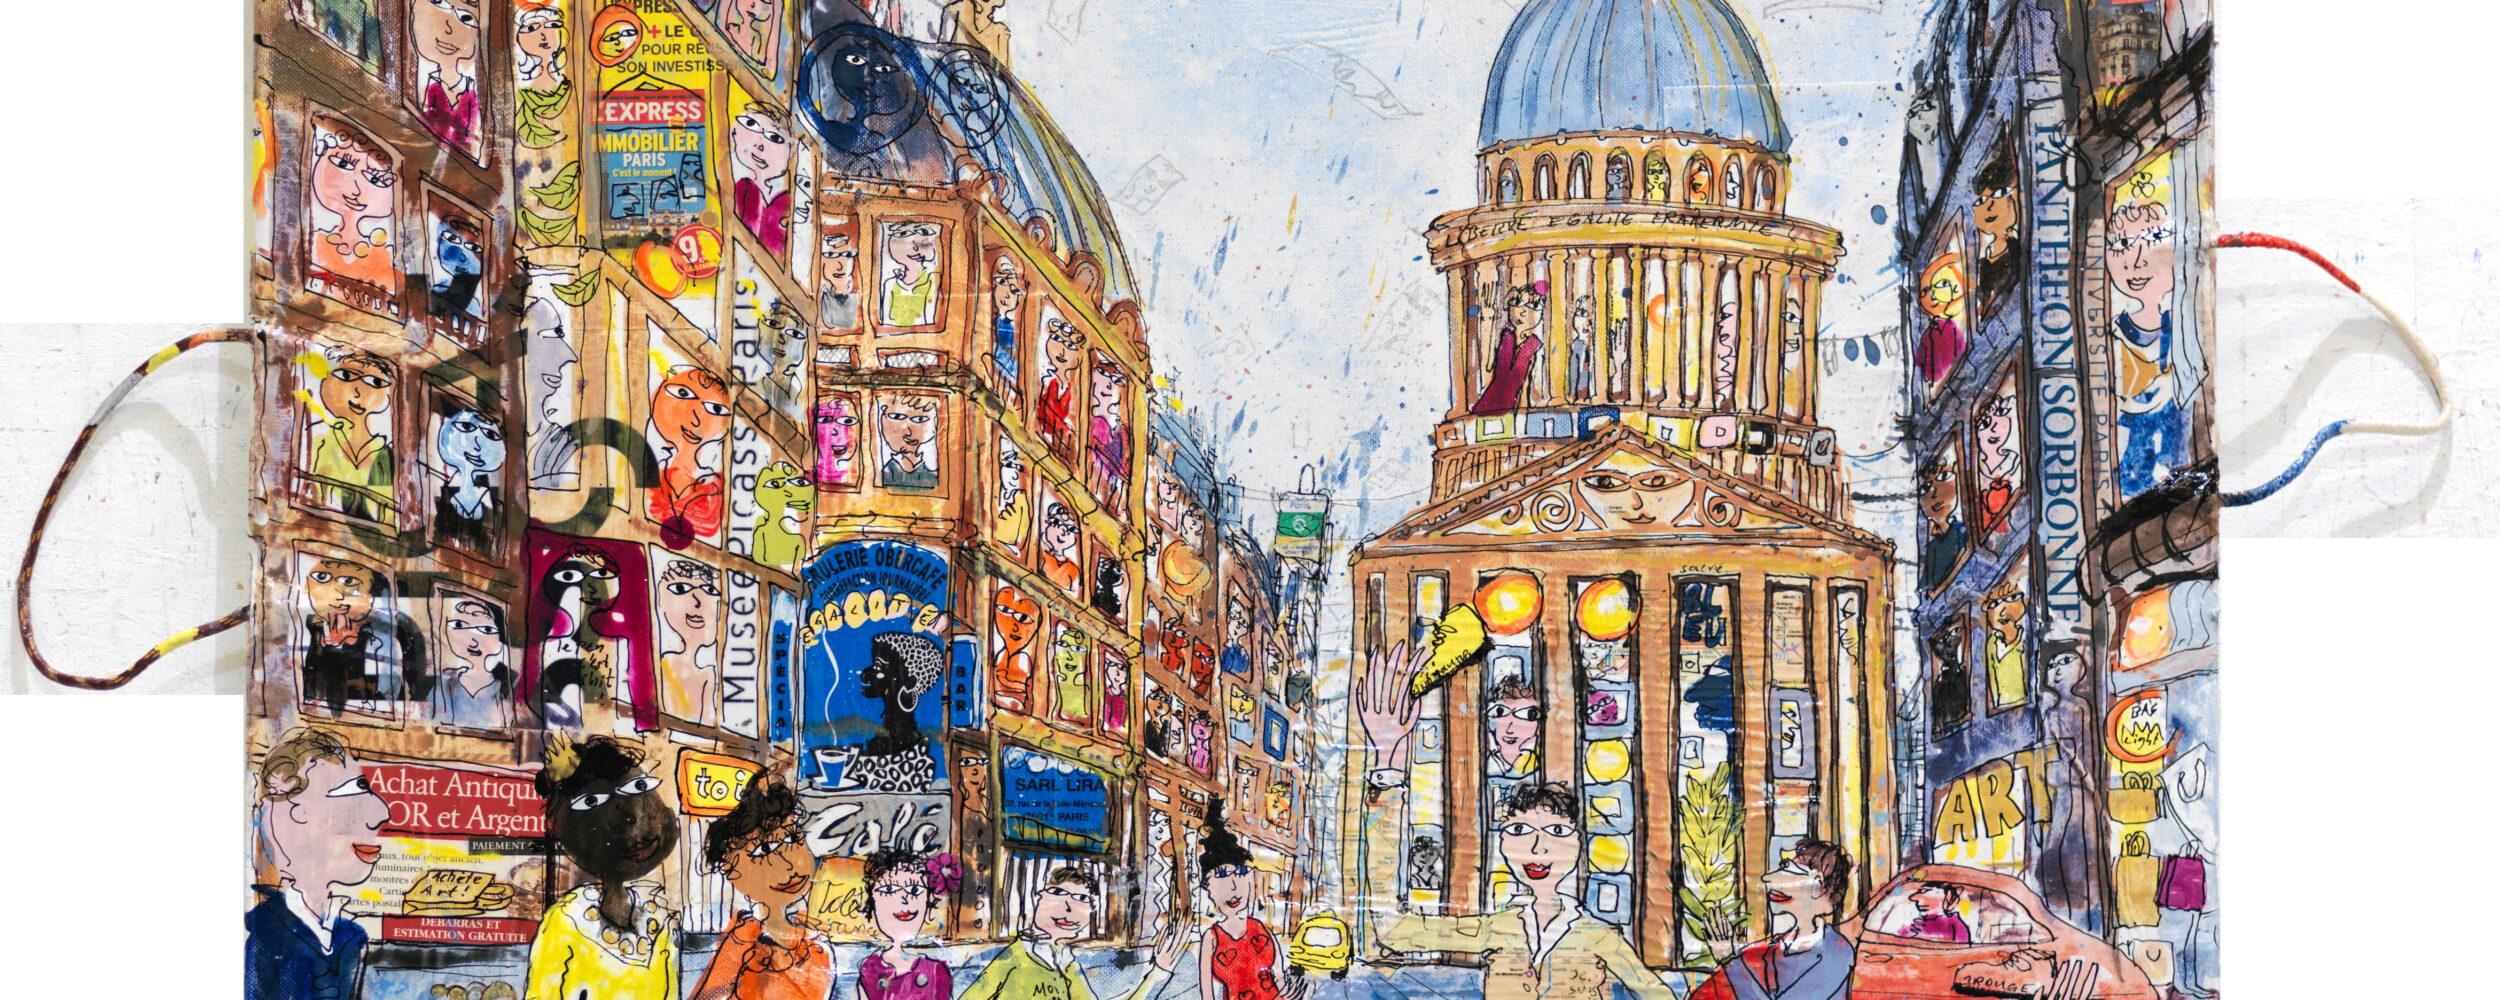 Thitz: Paris Pantheon, 2018, Acrylfarben und Tüten auf Leinwand, 70 x 50, 6.000 eur.